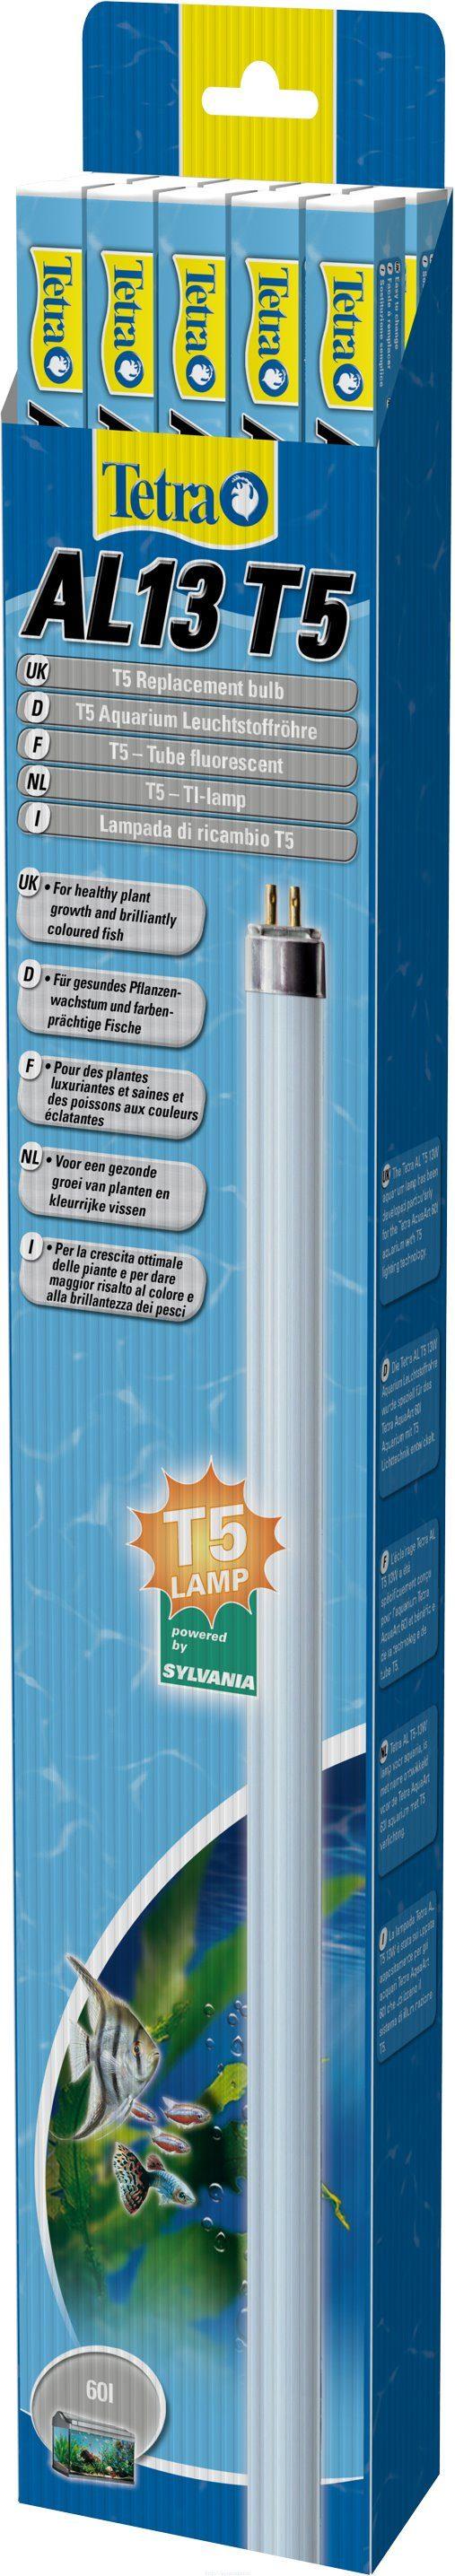 TetraTec лампа для обновленного аквариума Tetra AquaArt 60л Tetra AL T5 13Вт 6500K